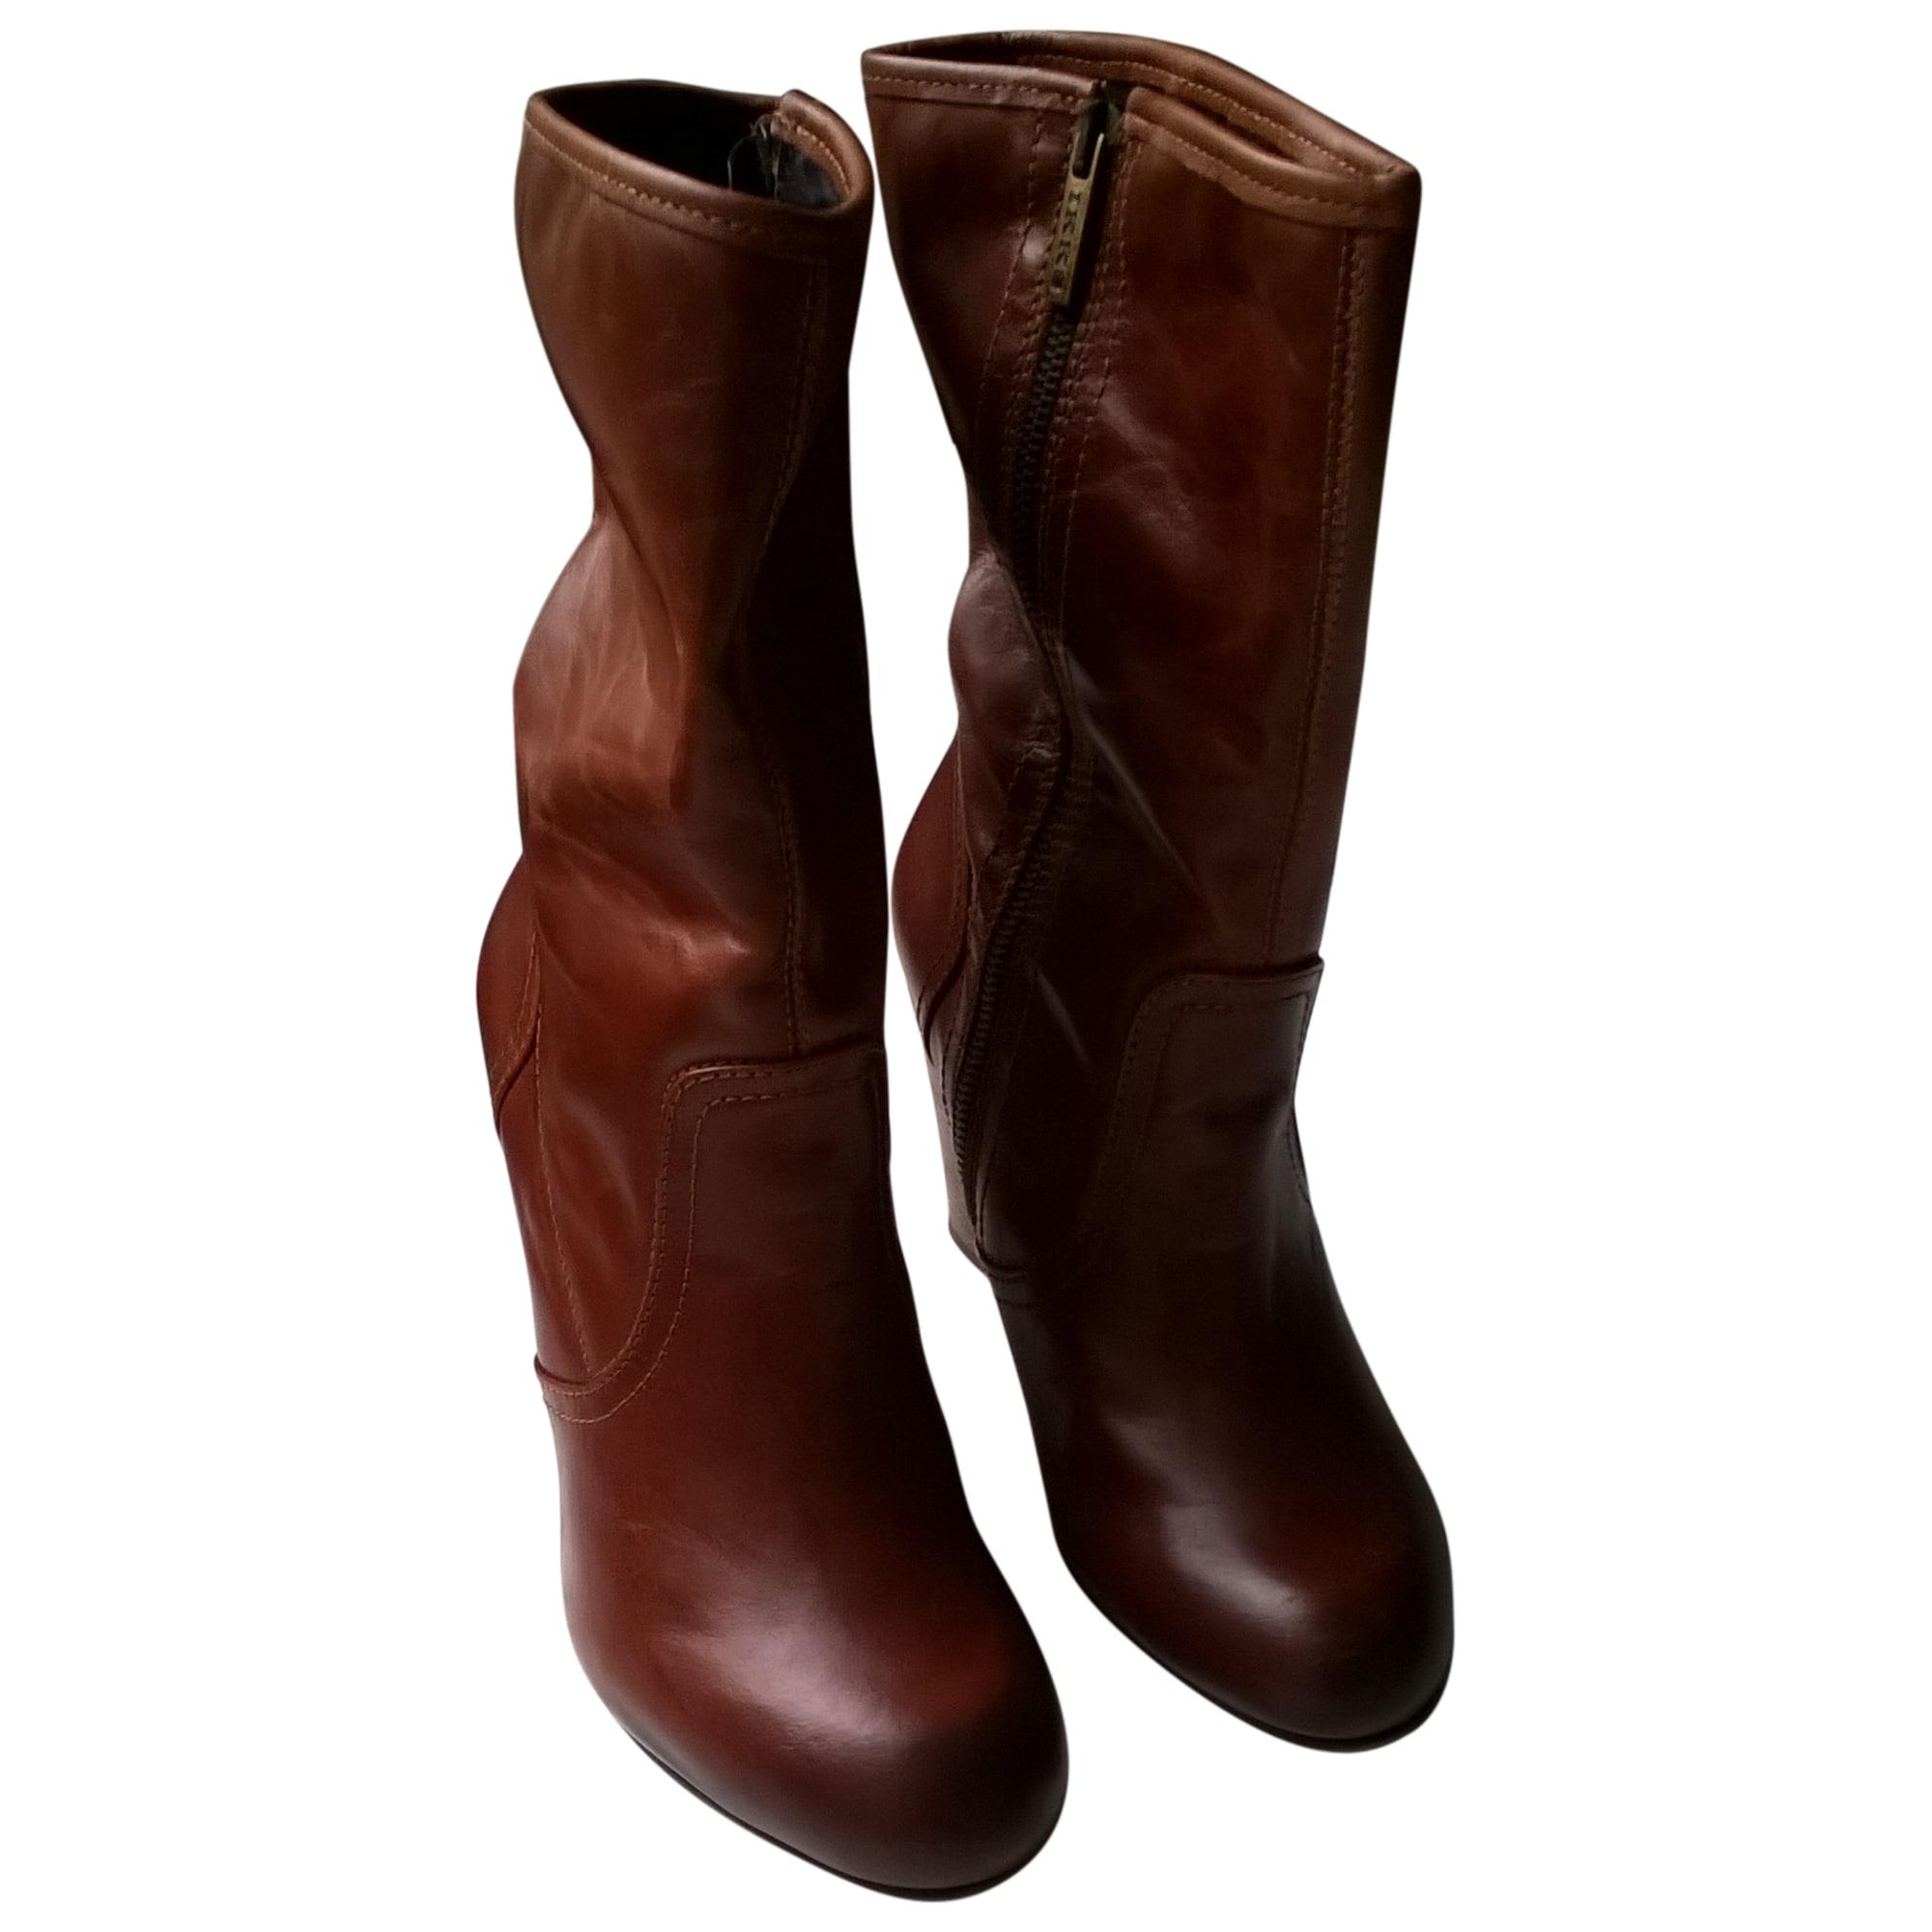 1e580000d76 Bottines   low boots à talons IKKS 38 marron vendu par Lolo 5213 ...